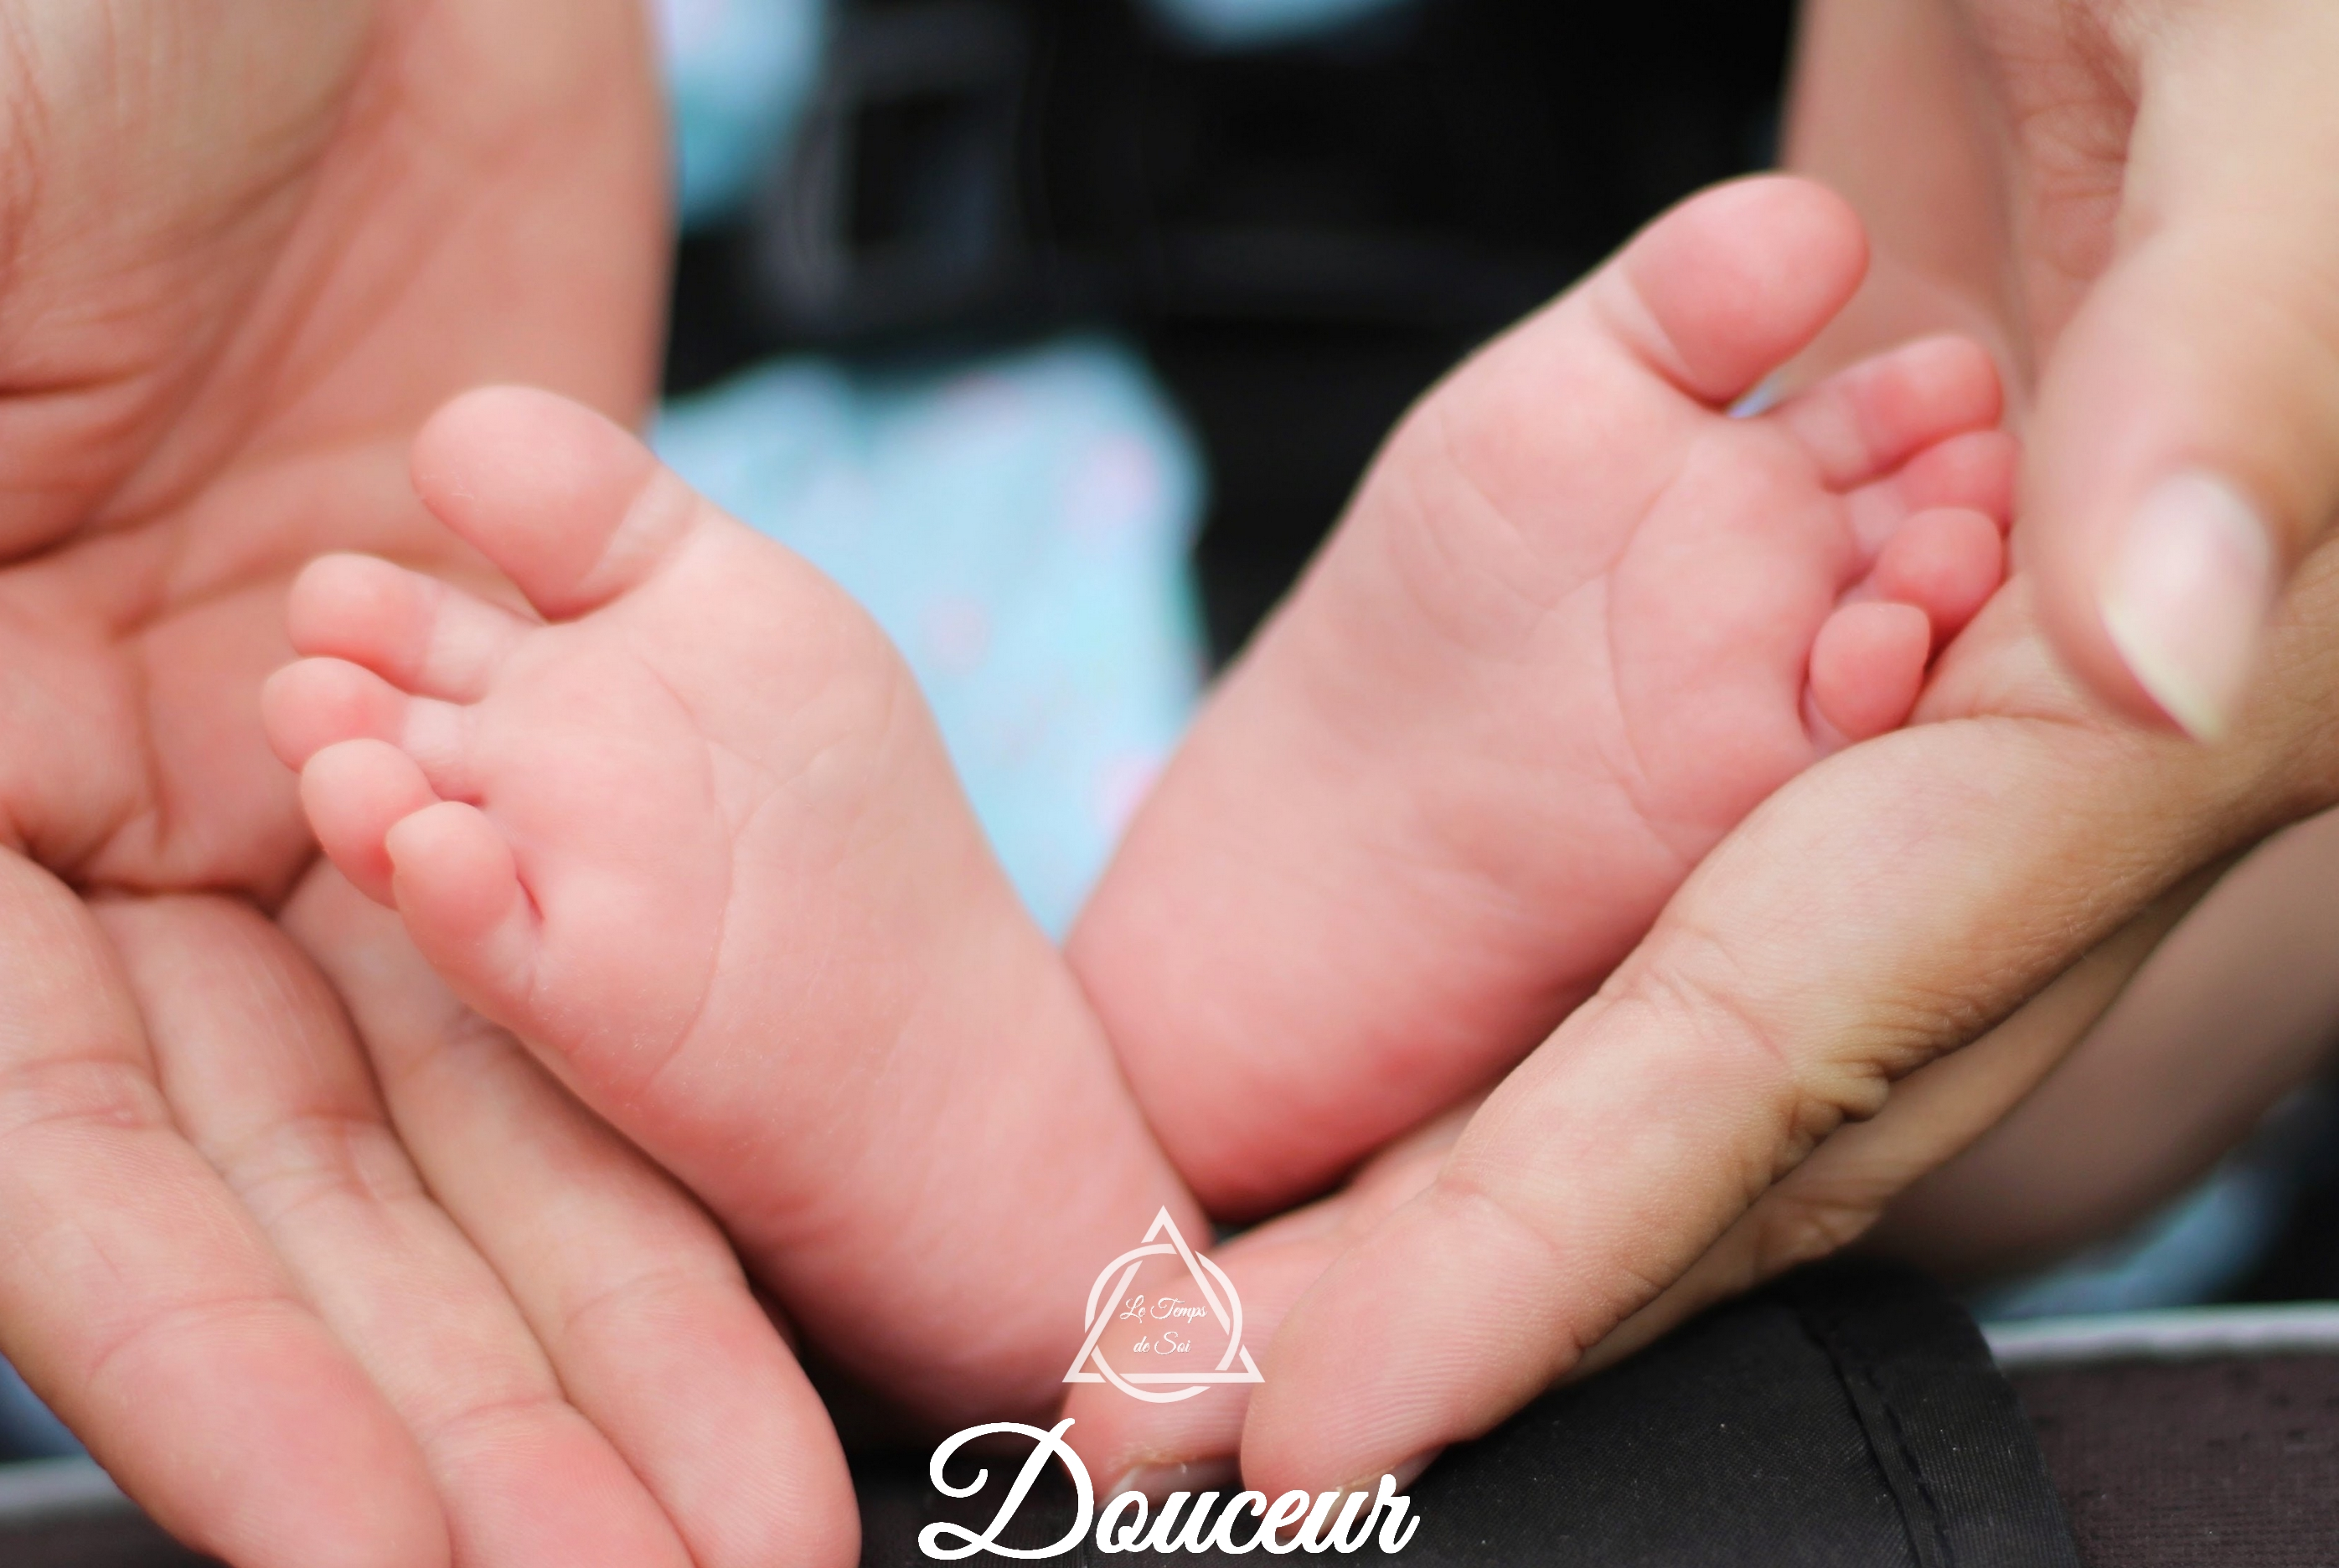 Massage Bébé - Douceur